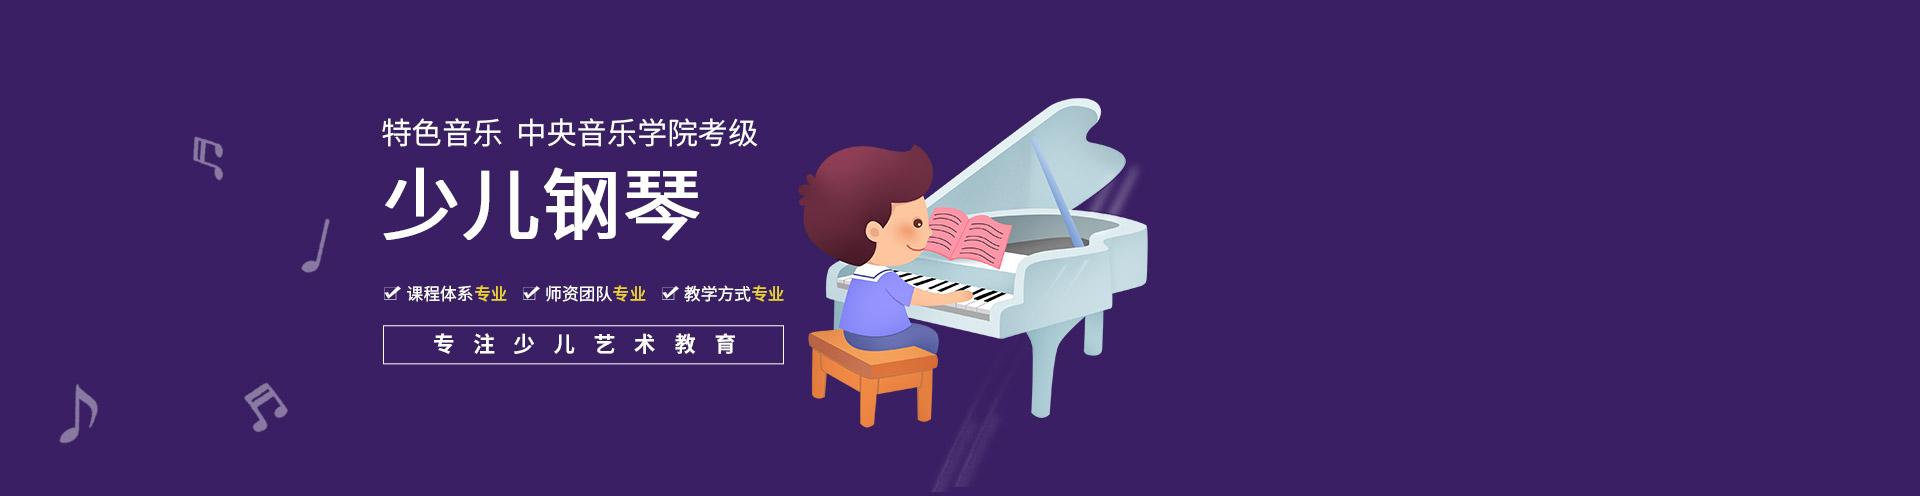 杭州艺朝艺夕少儿钢琴